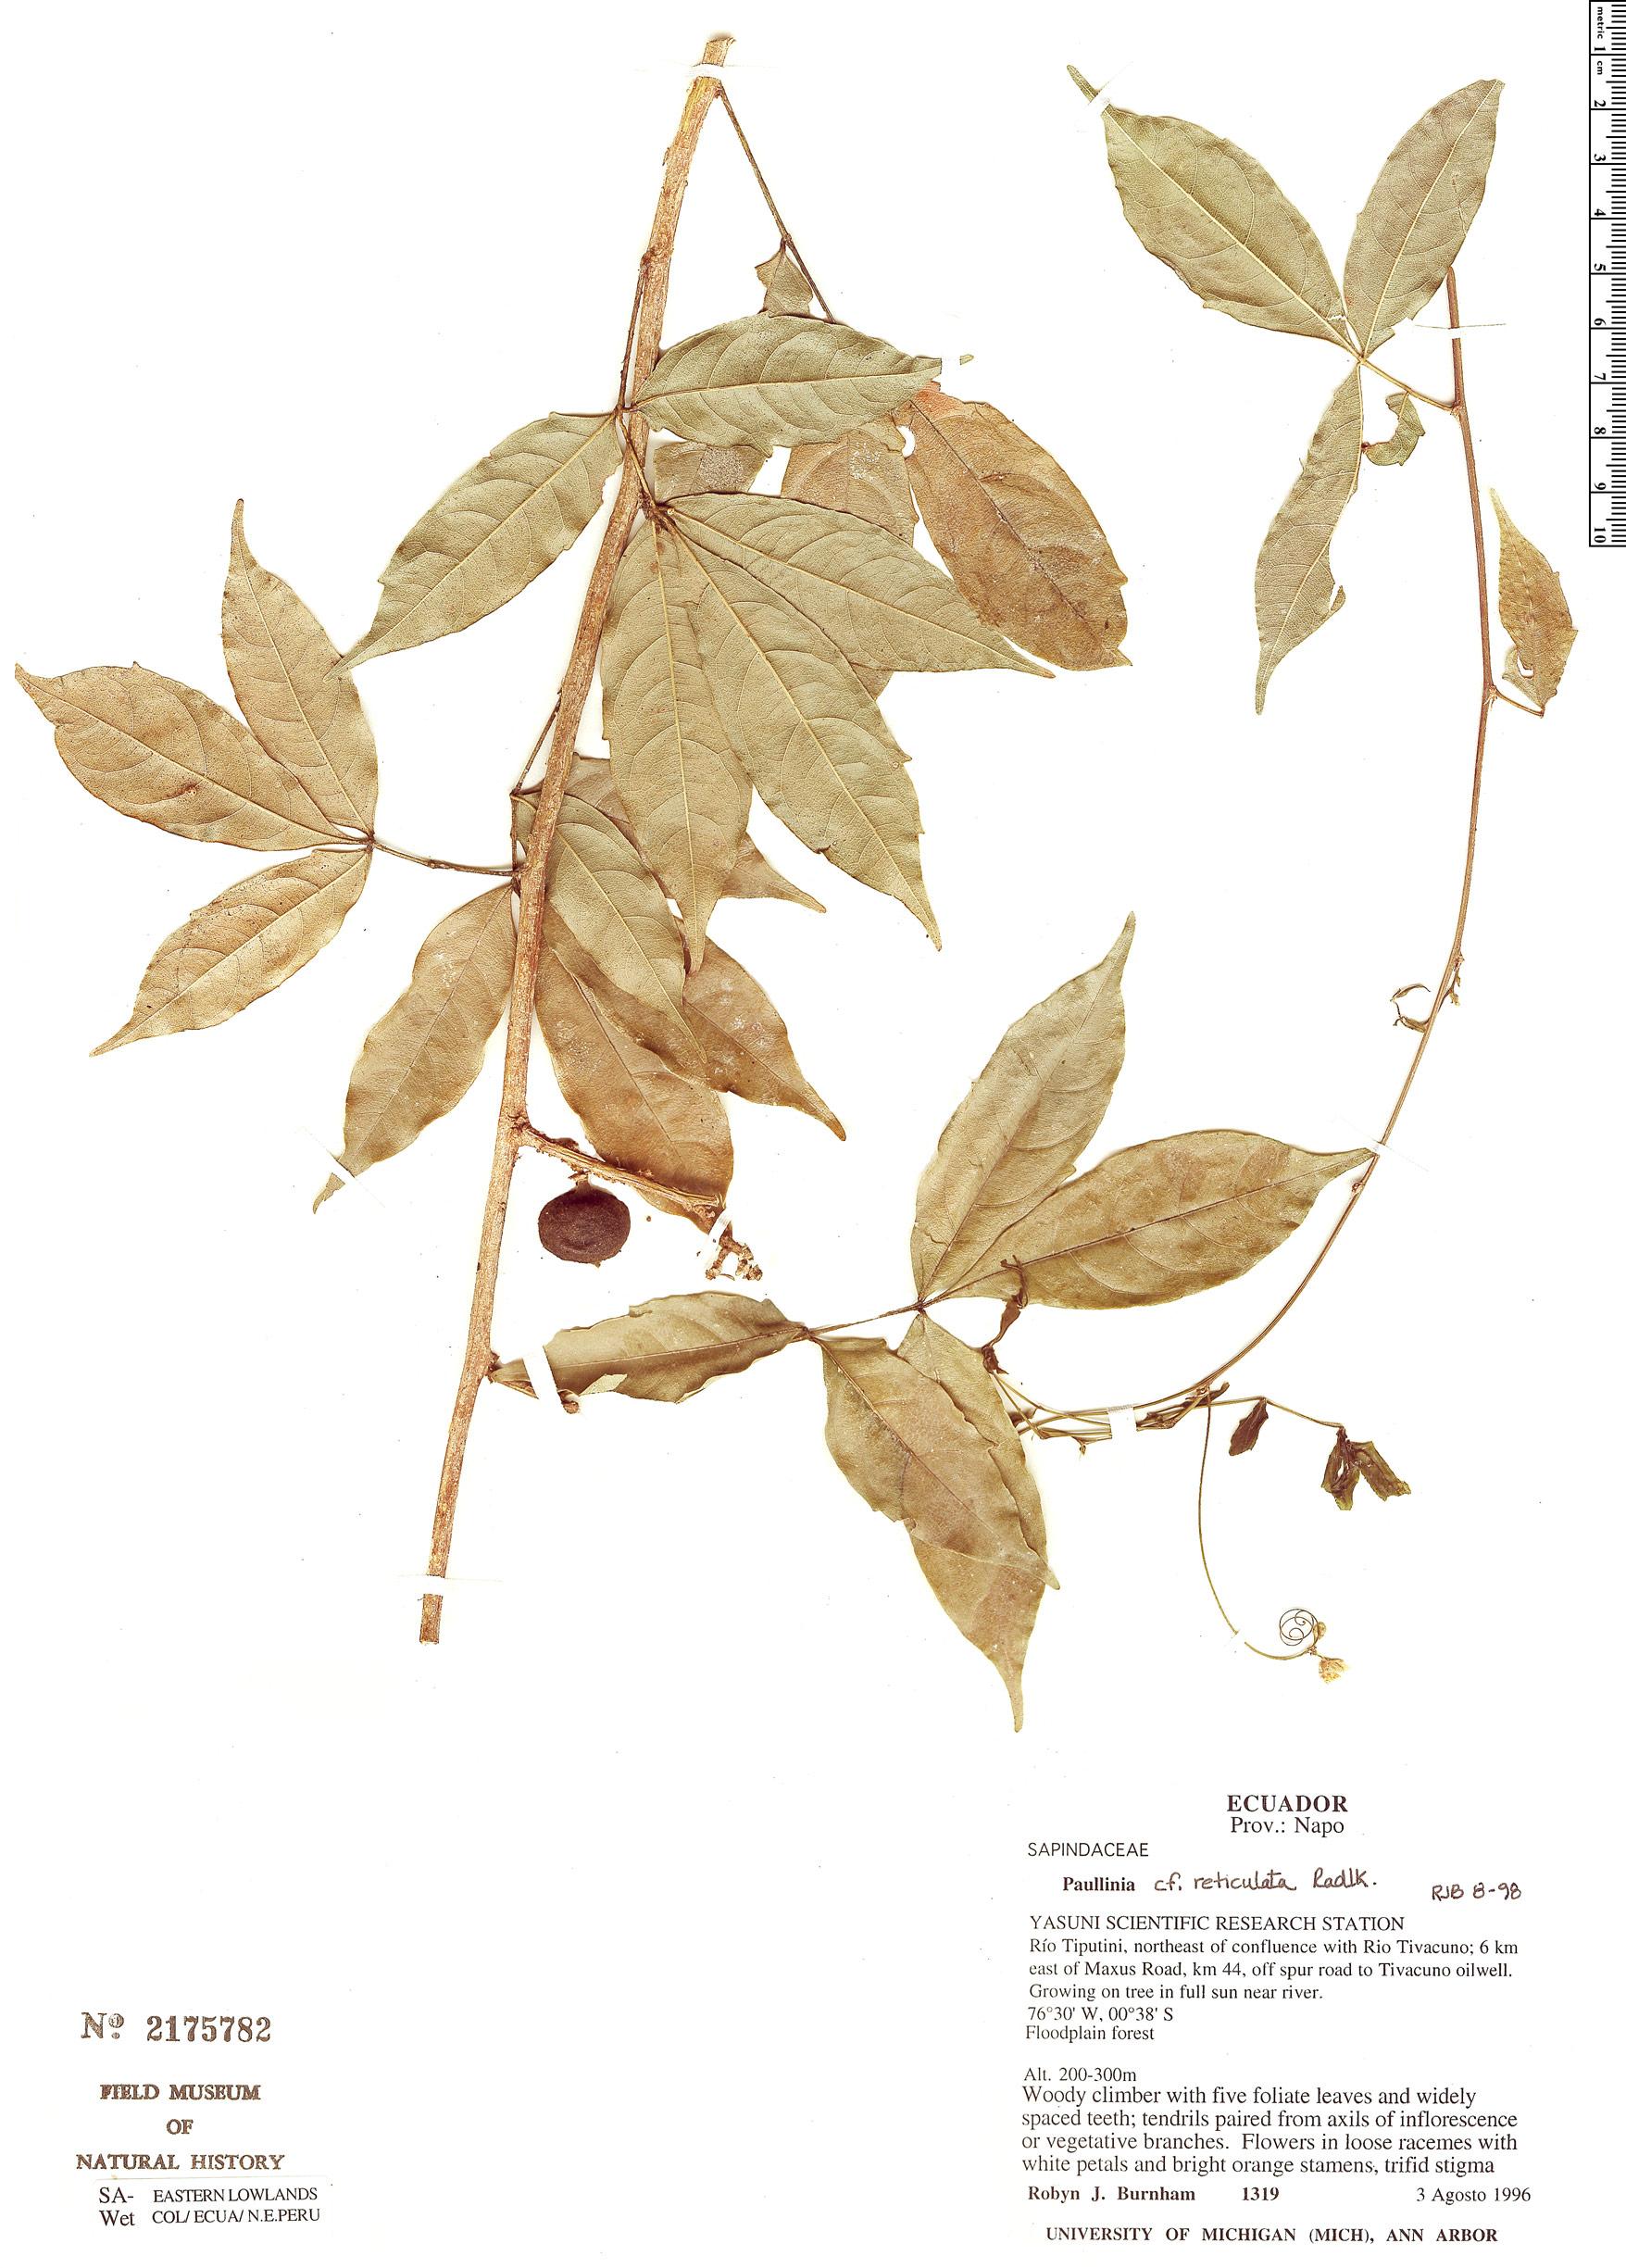 Specimen: Paullinia reticulata